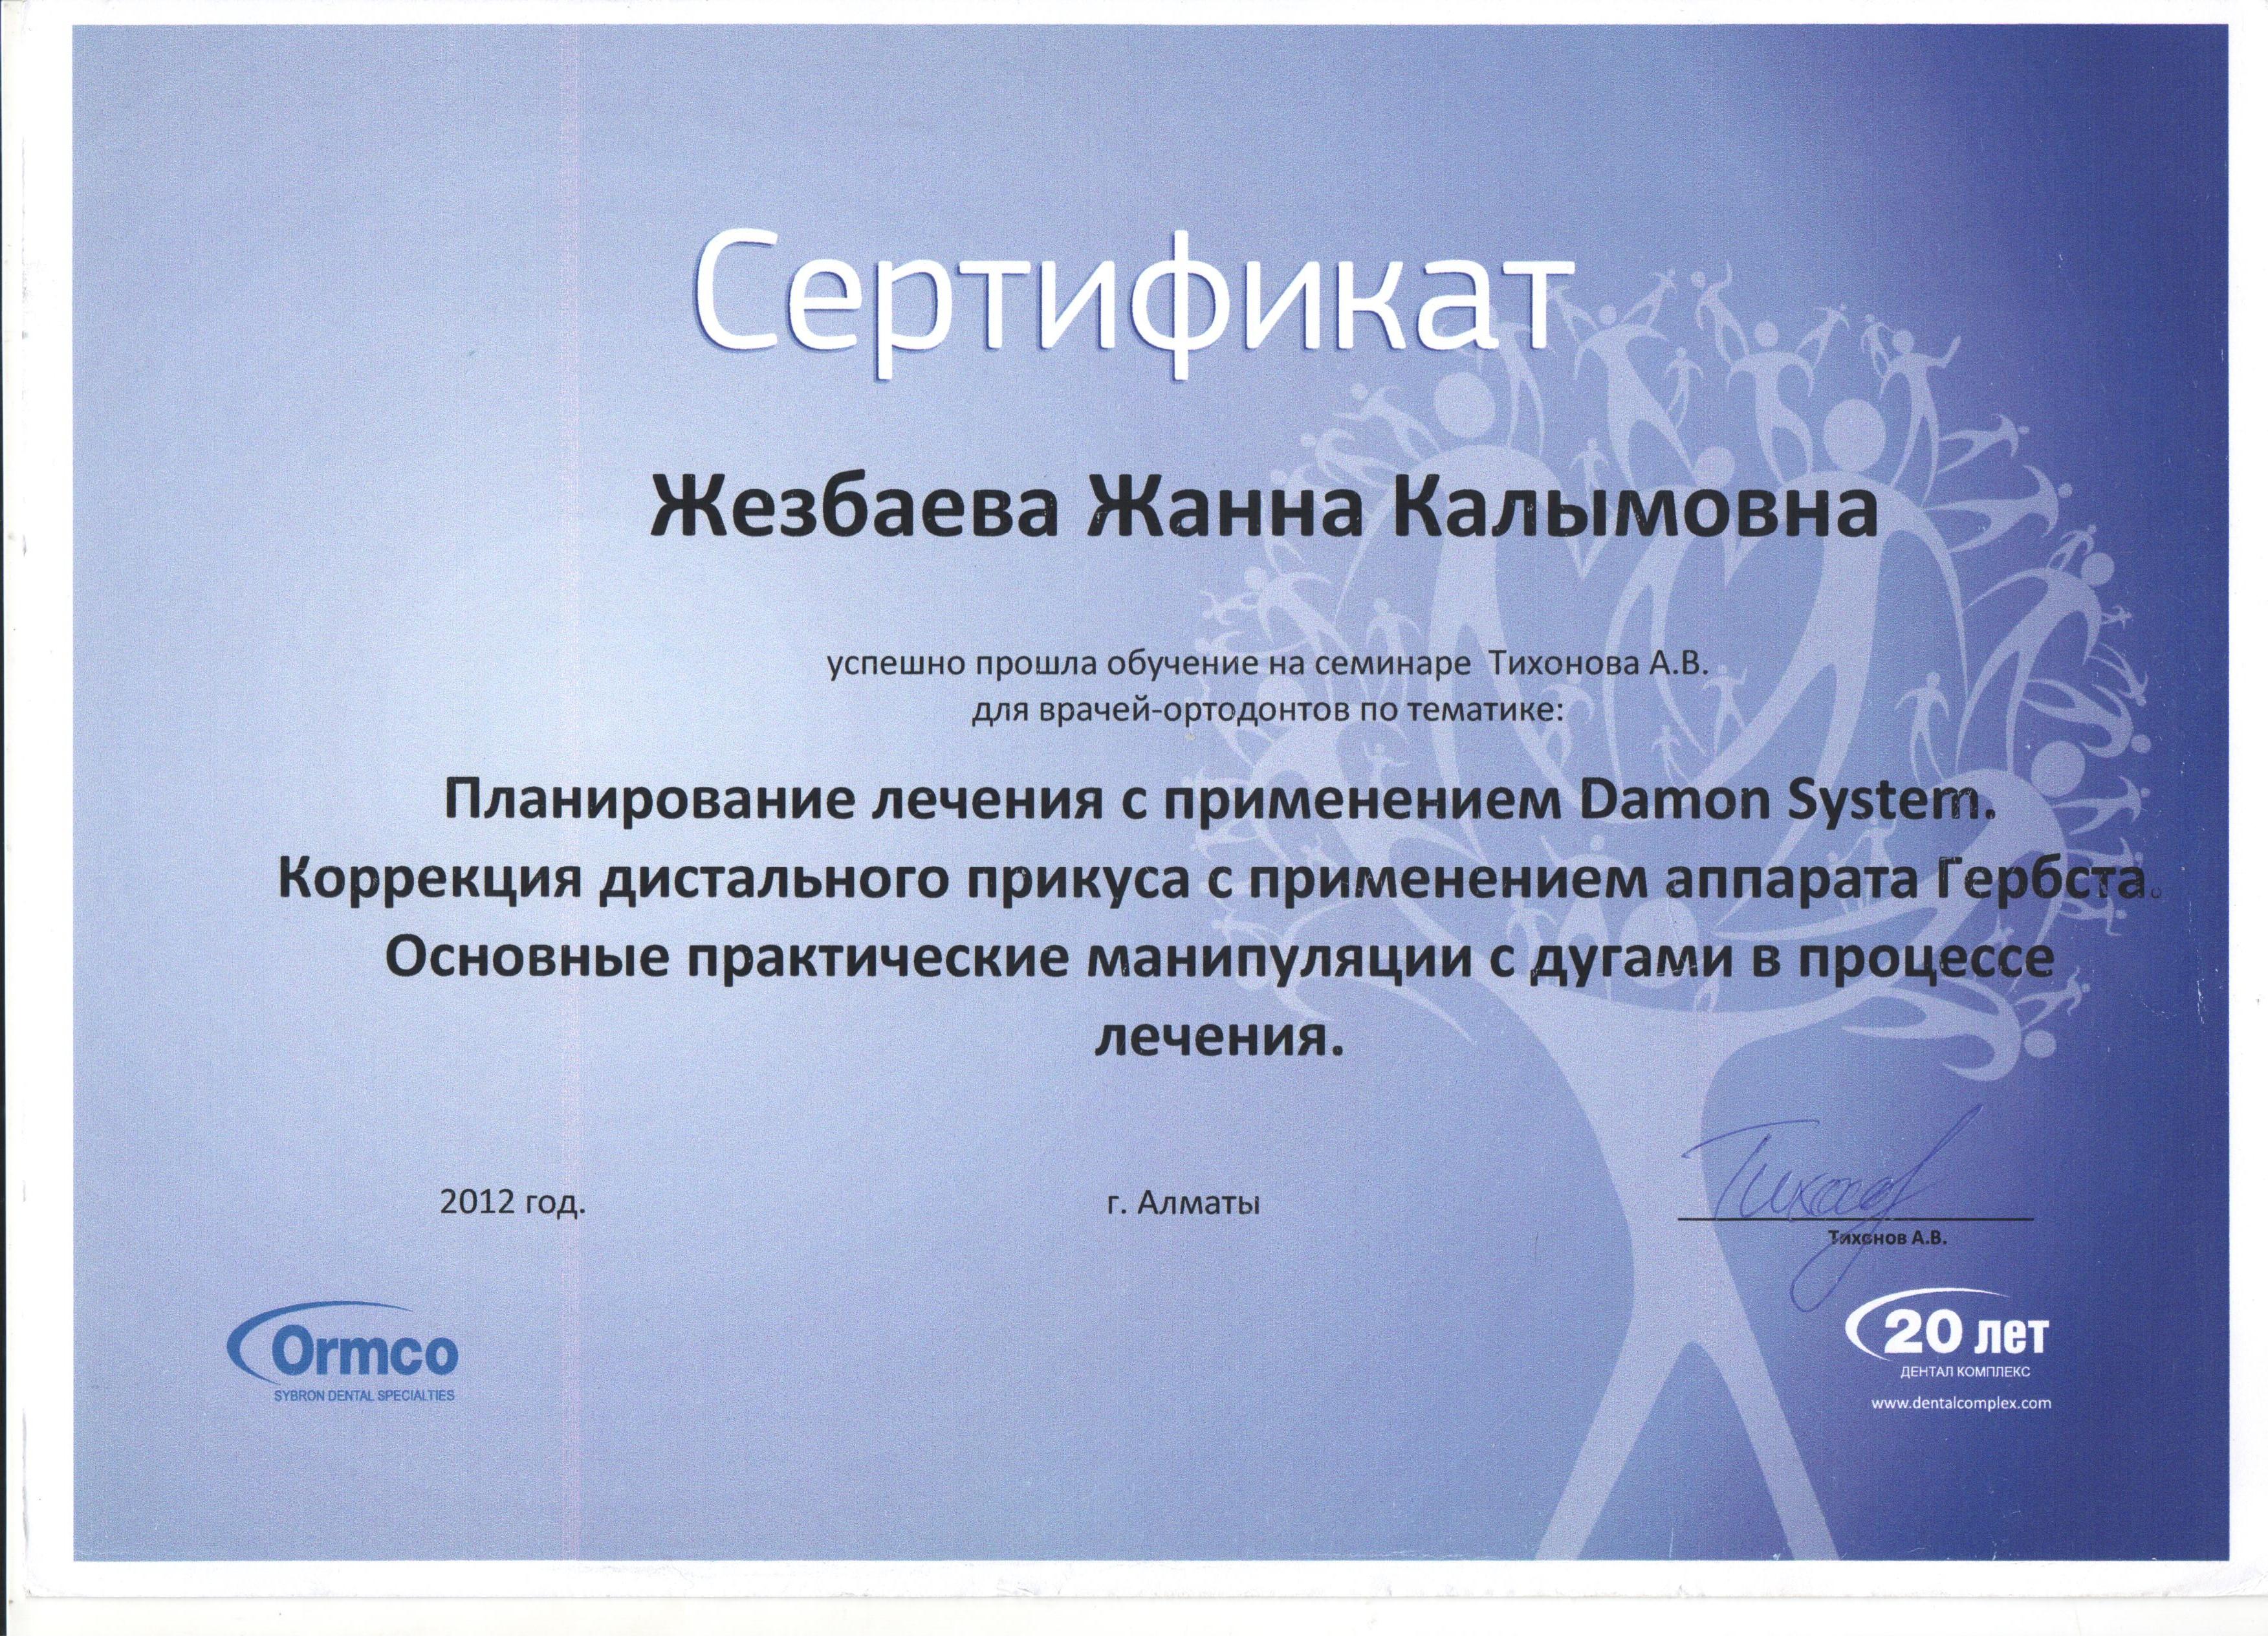 Установка брекетов в Казахстане, фото 84